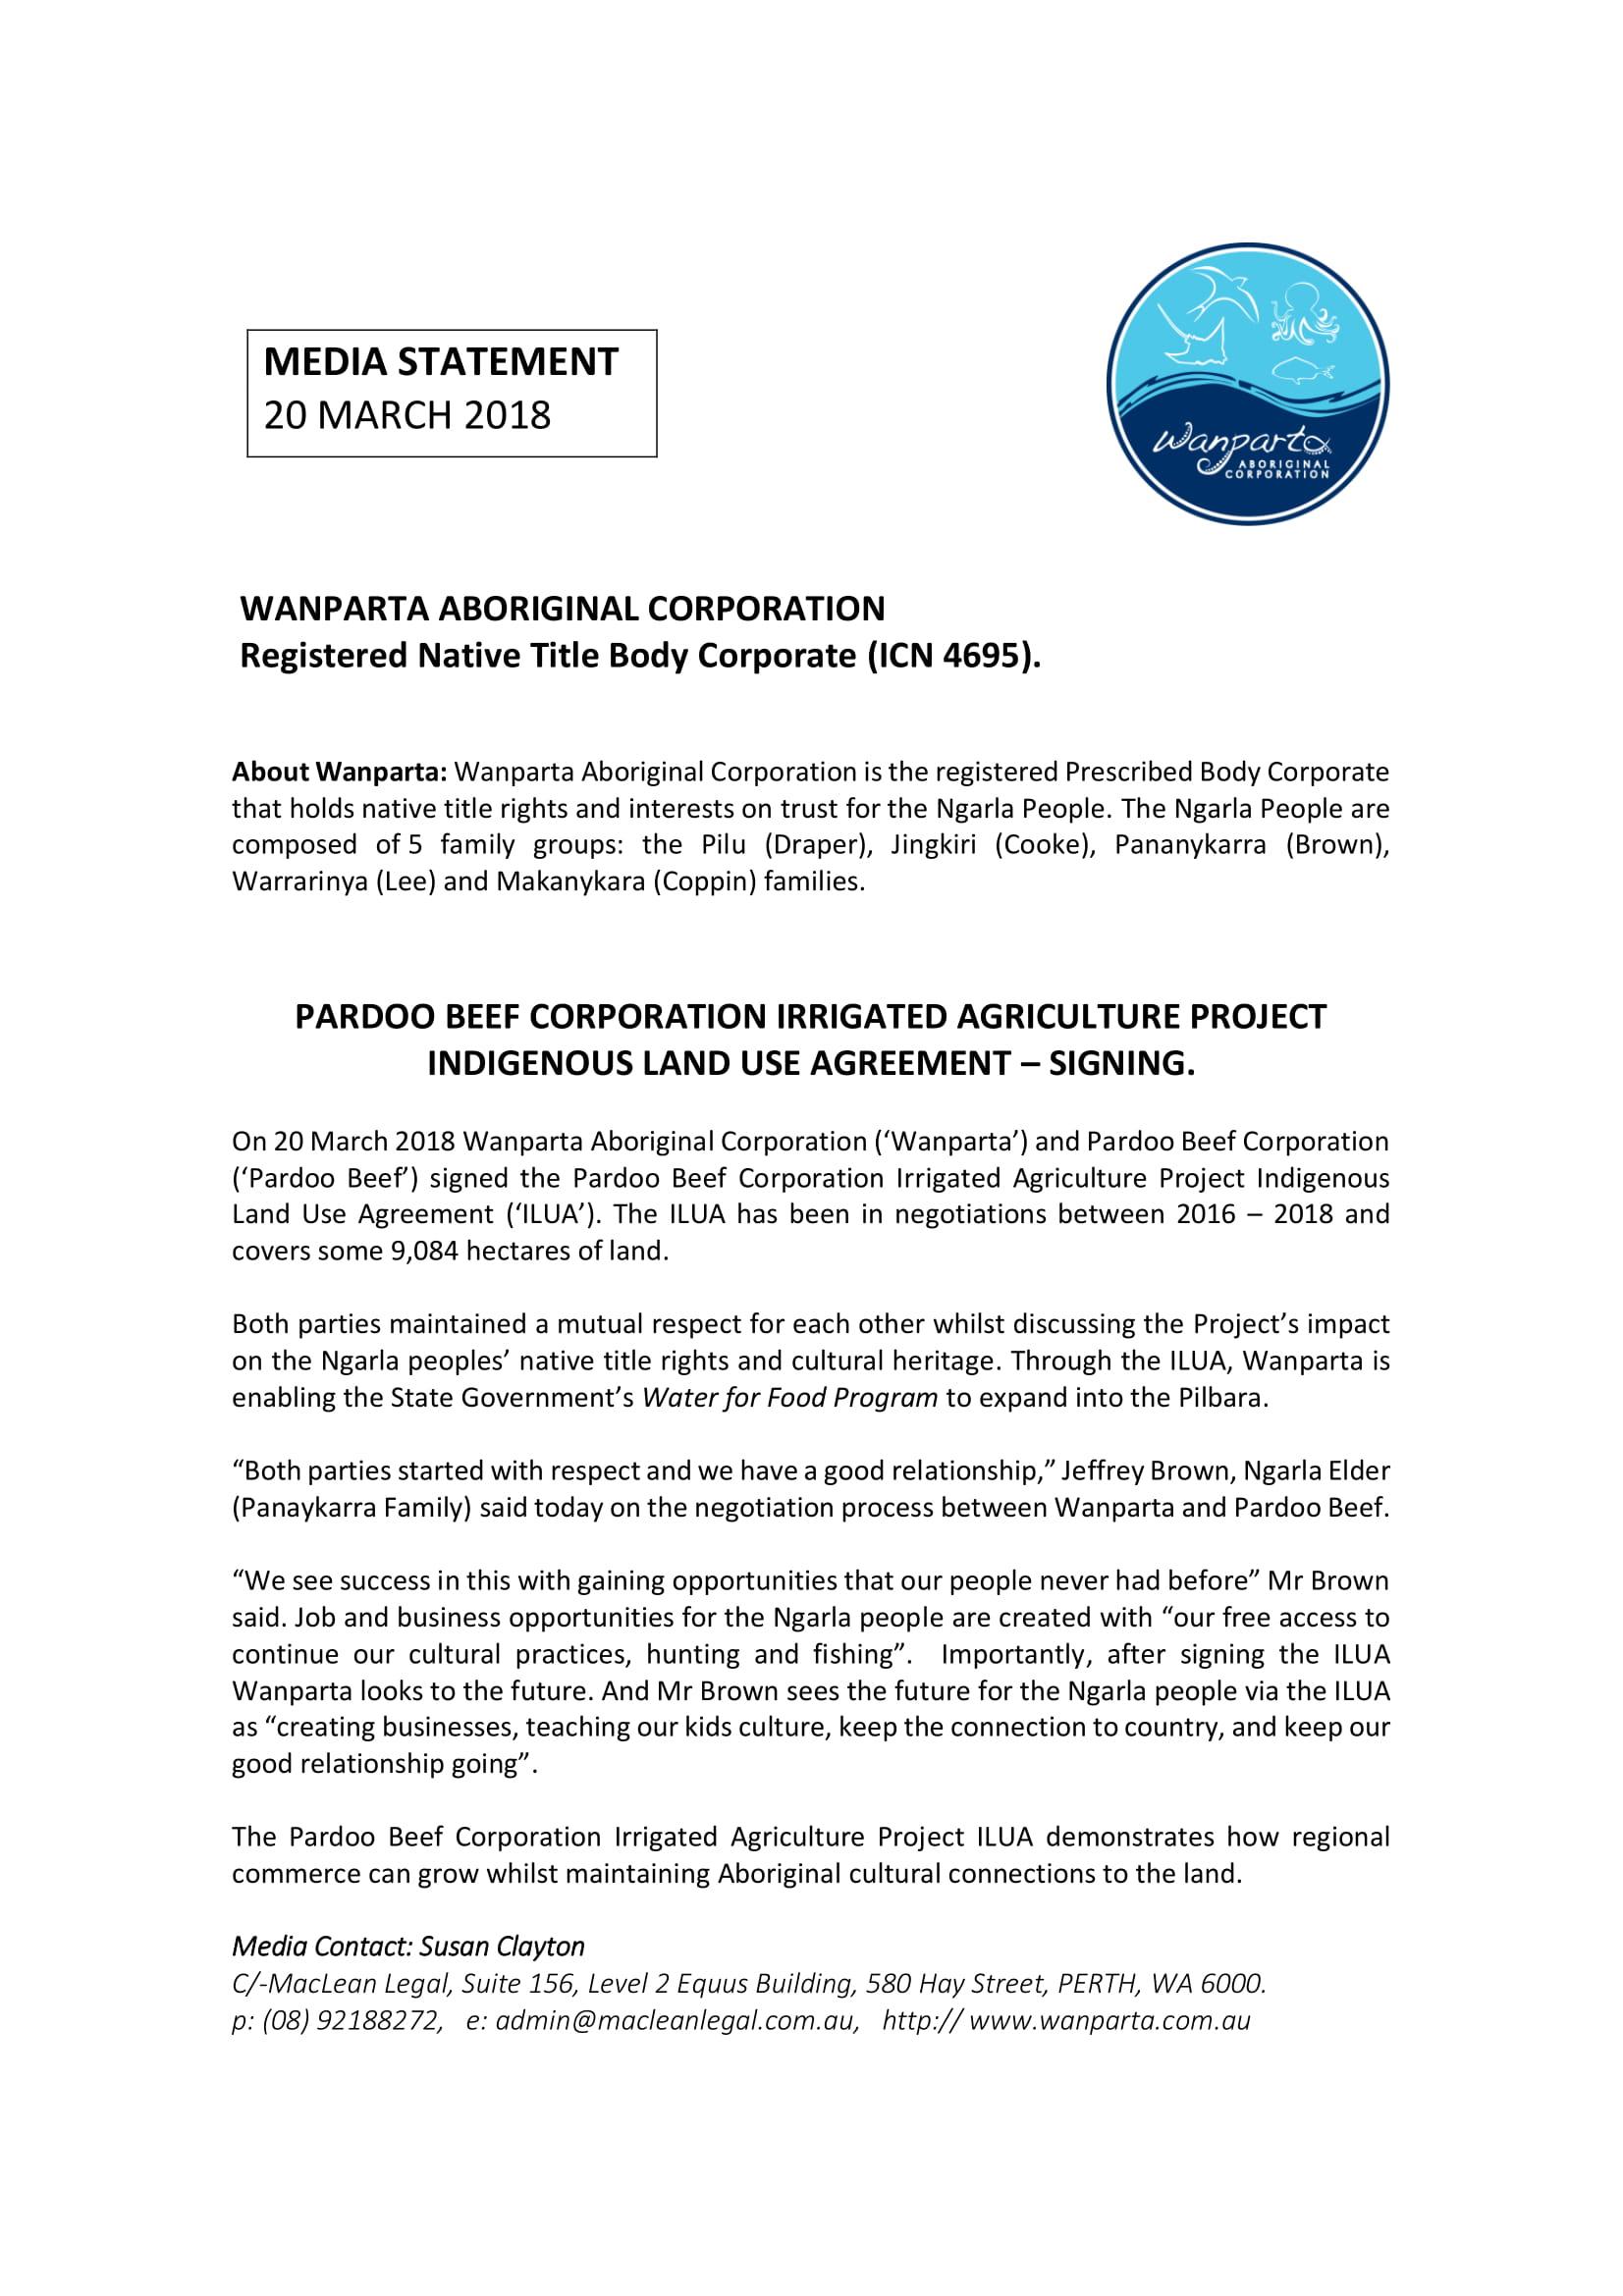 wanparta_media_statement_March_20_2018